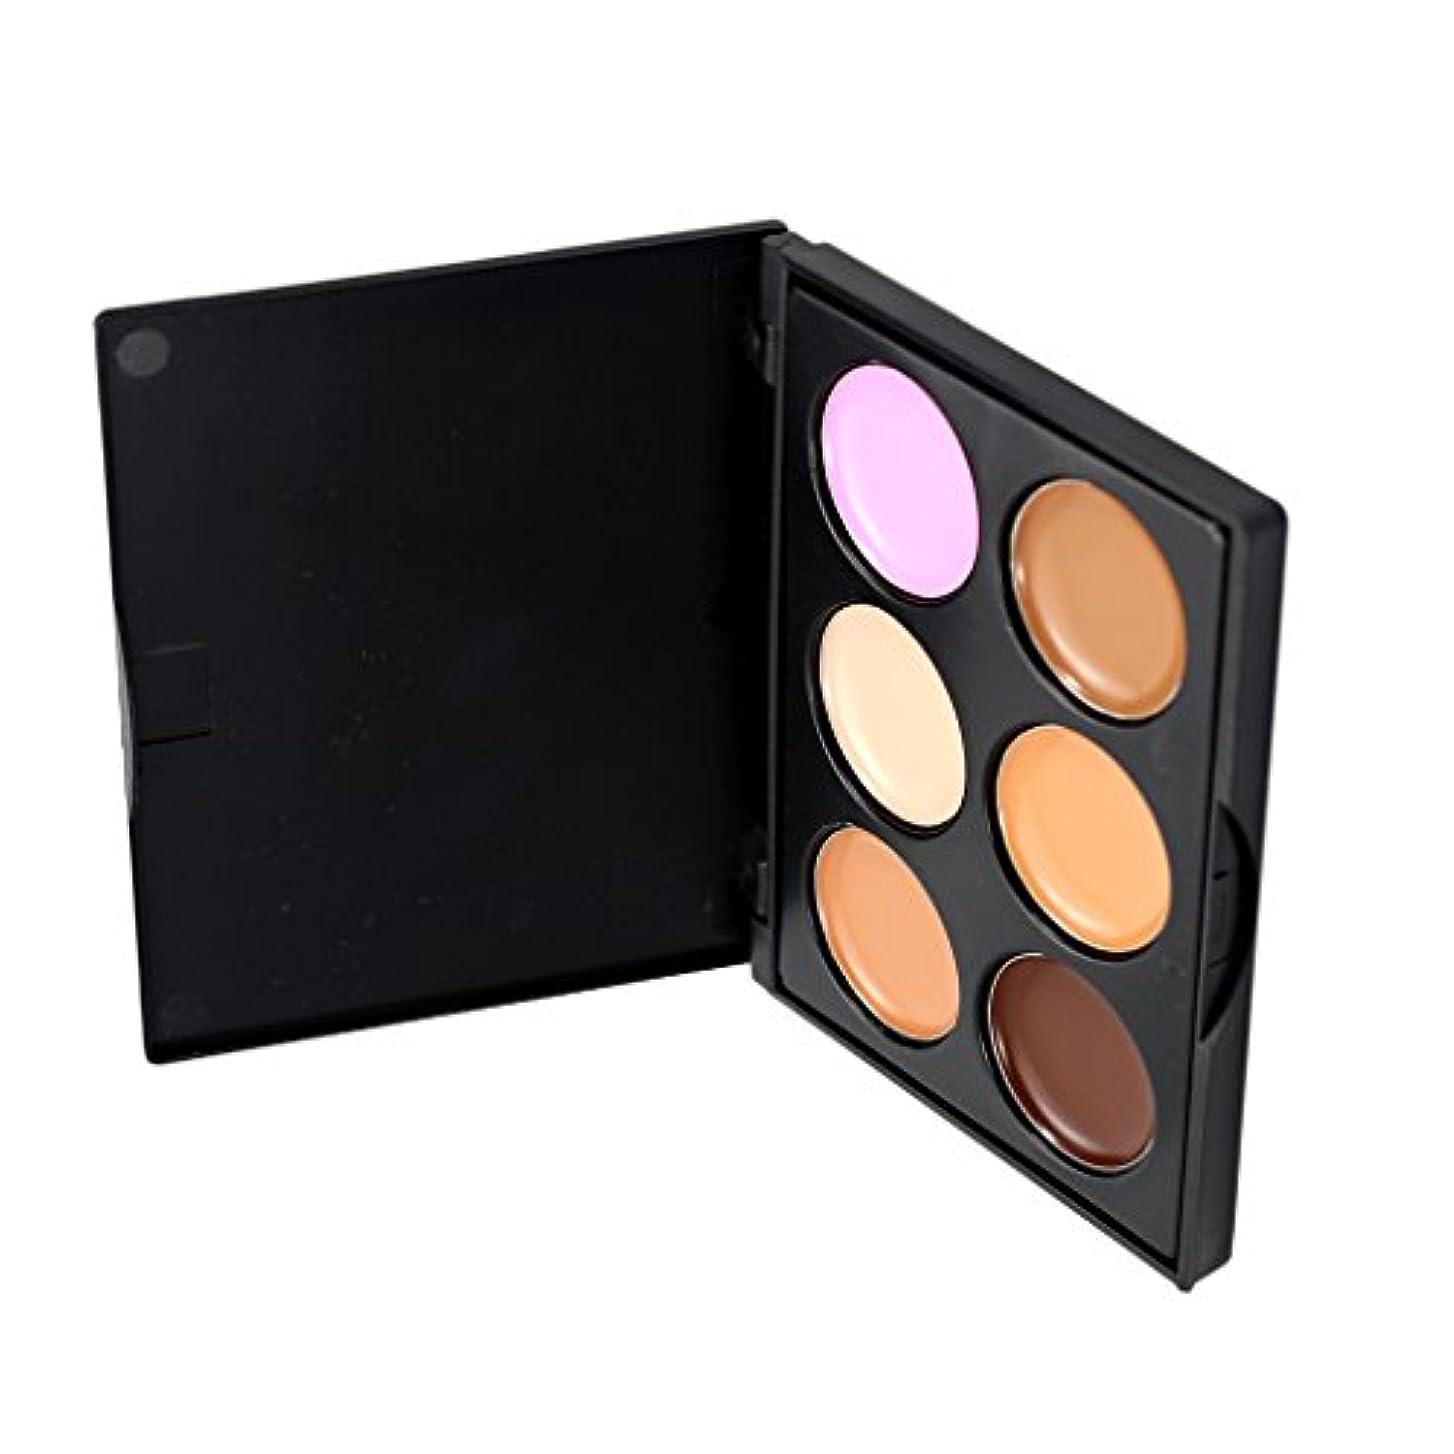 コンシーラー 6色パレット 化粧用 コンター フェイス 全3種選択可能 - #2